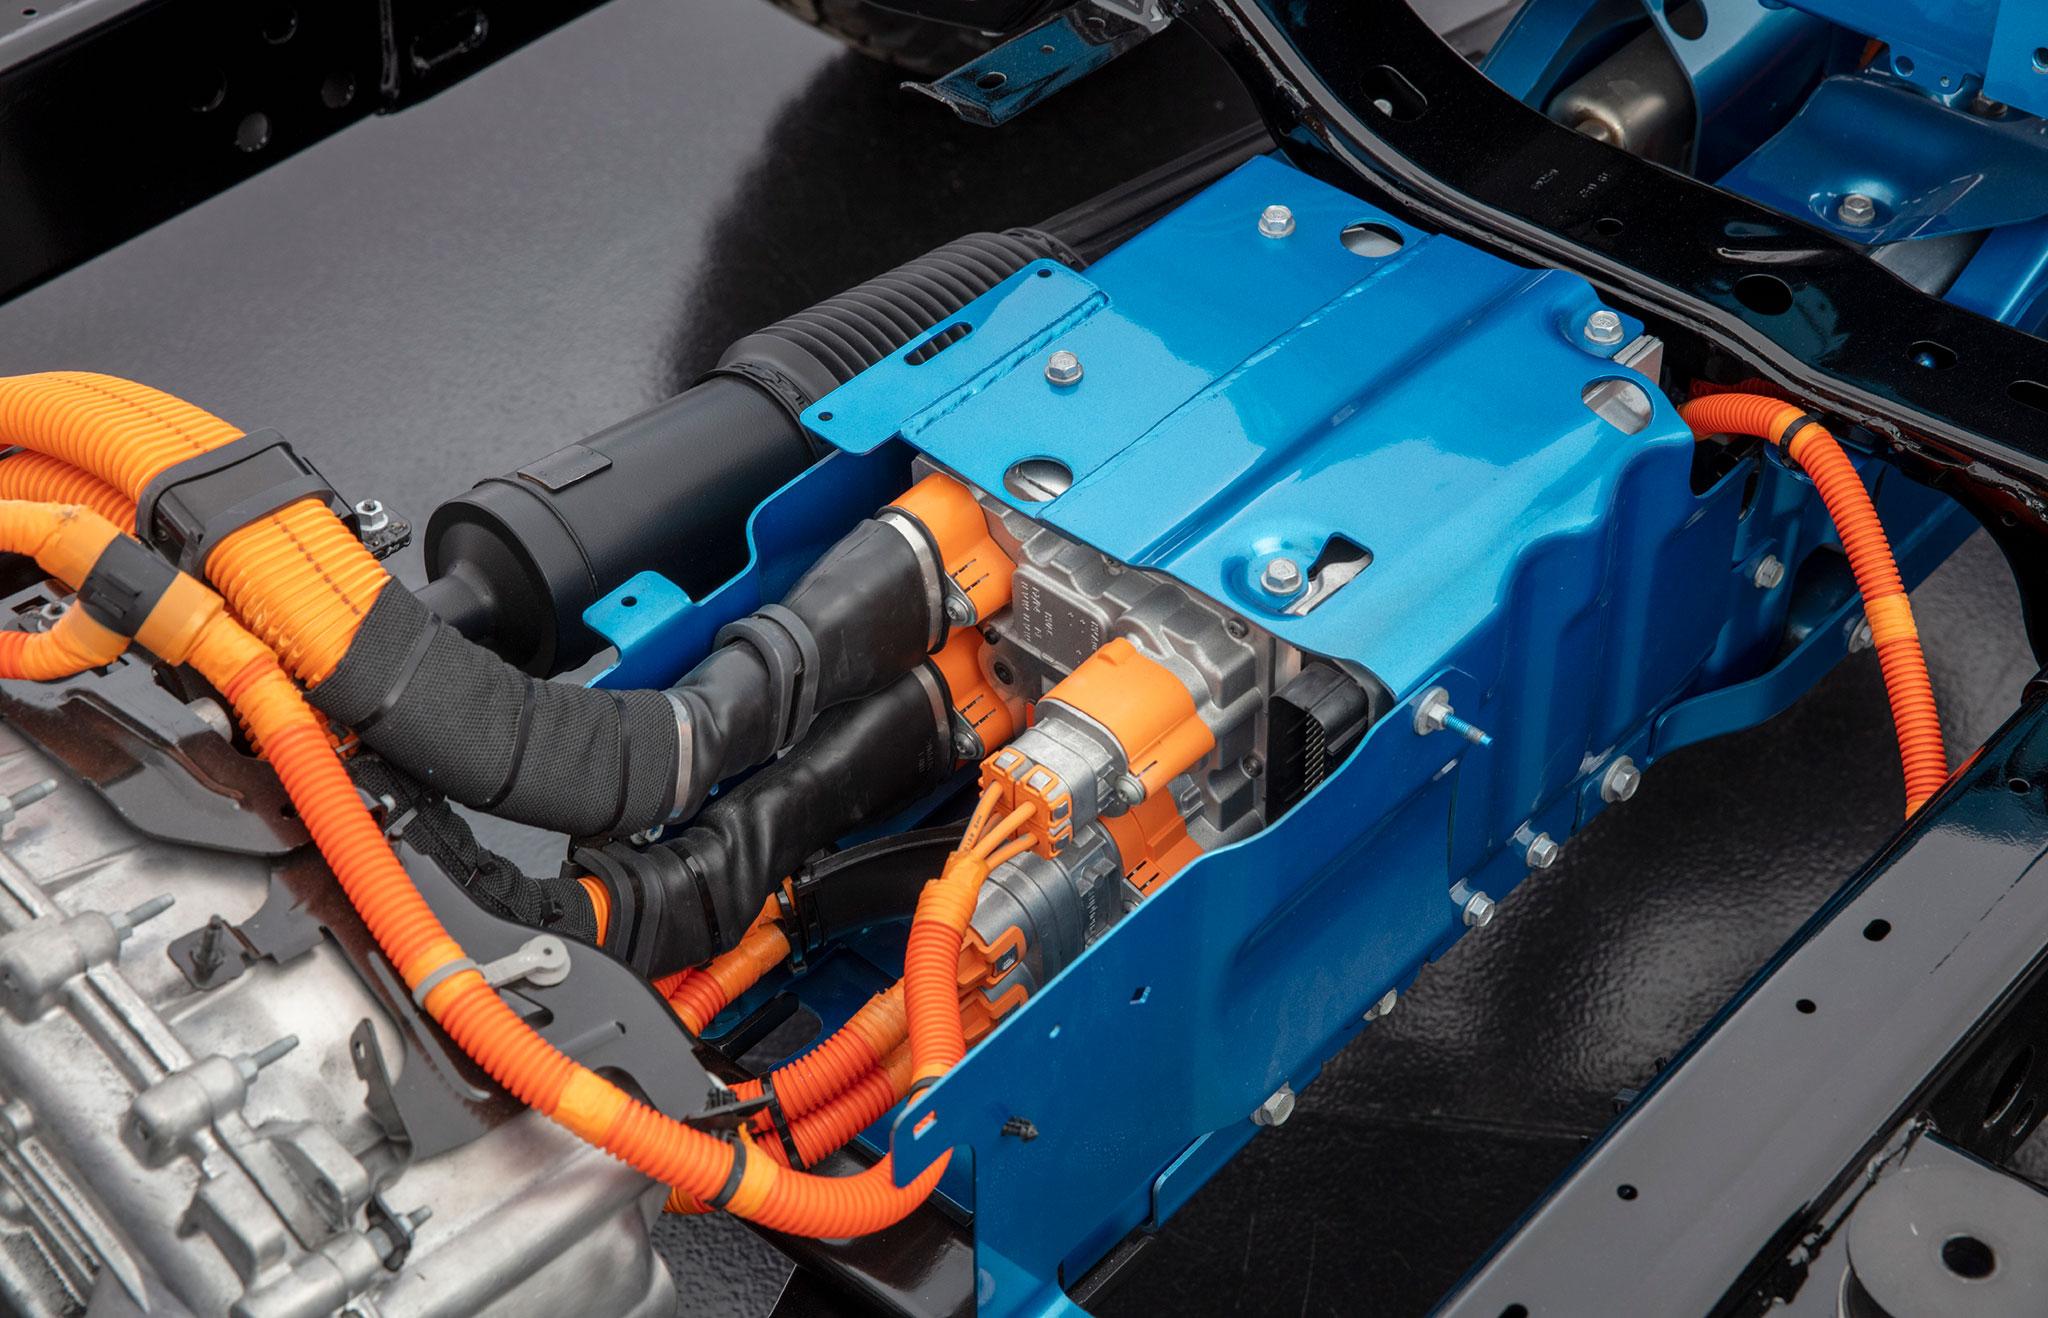 2021 Jeep Wrangler 4xe intégre deux moteurs électriques.